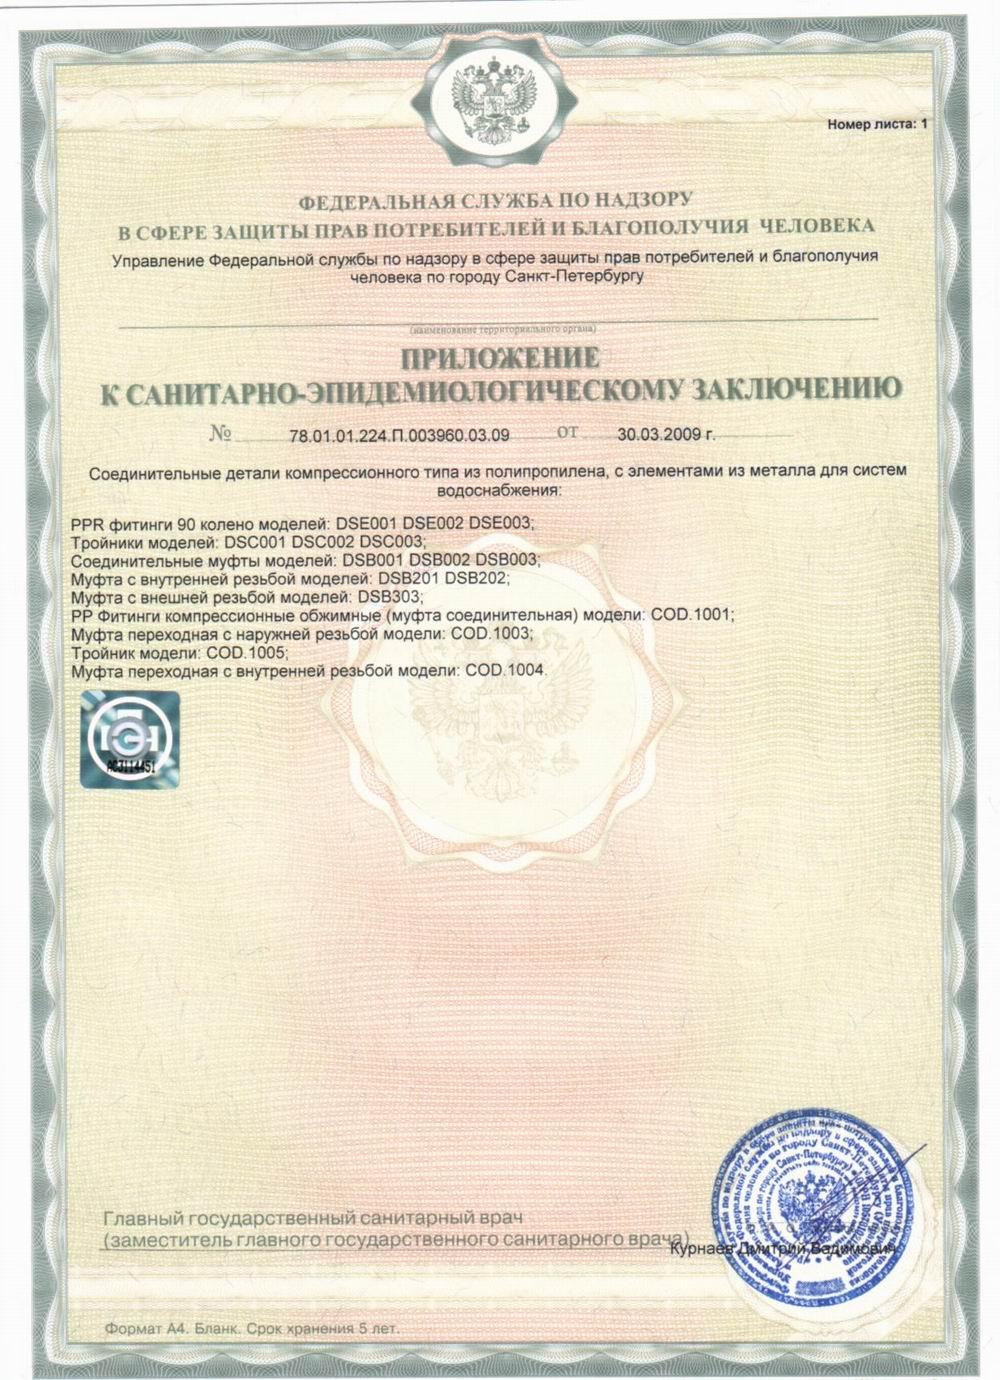 sanitation certificates 02